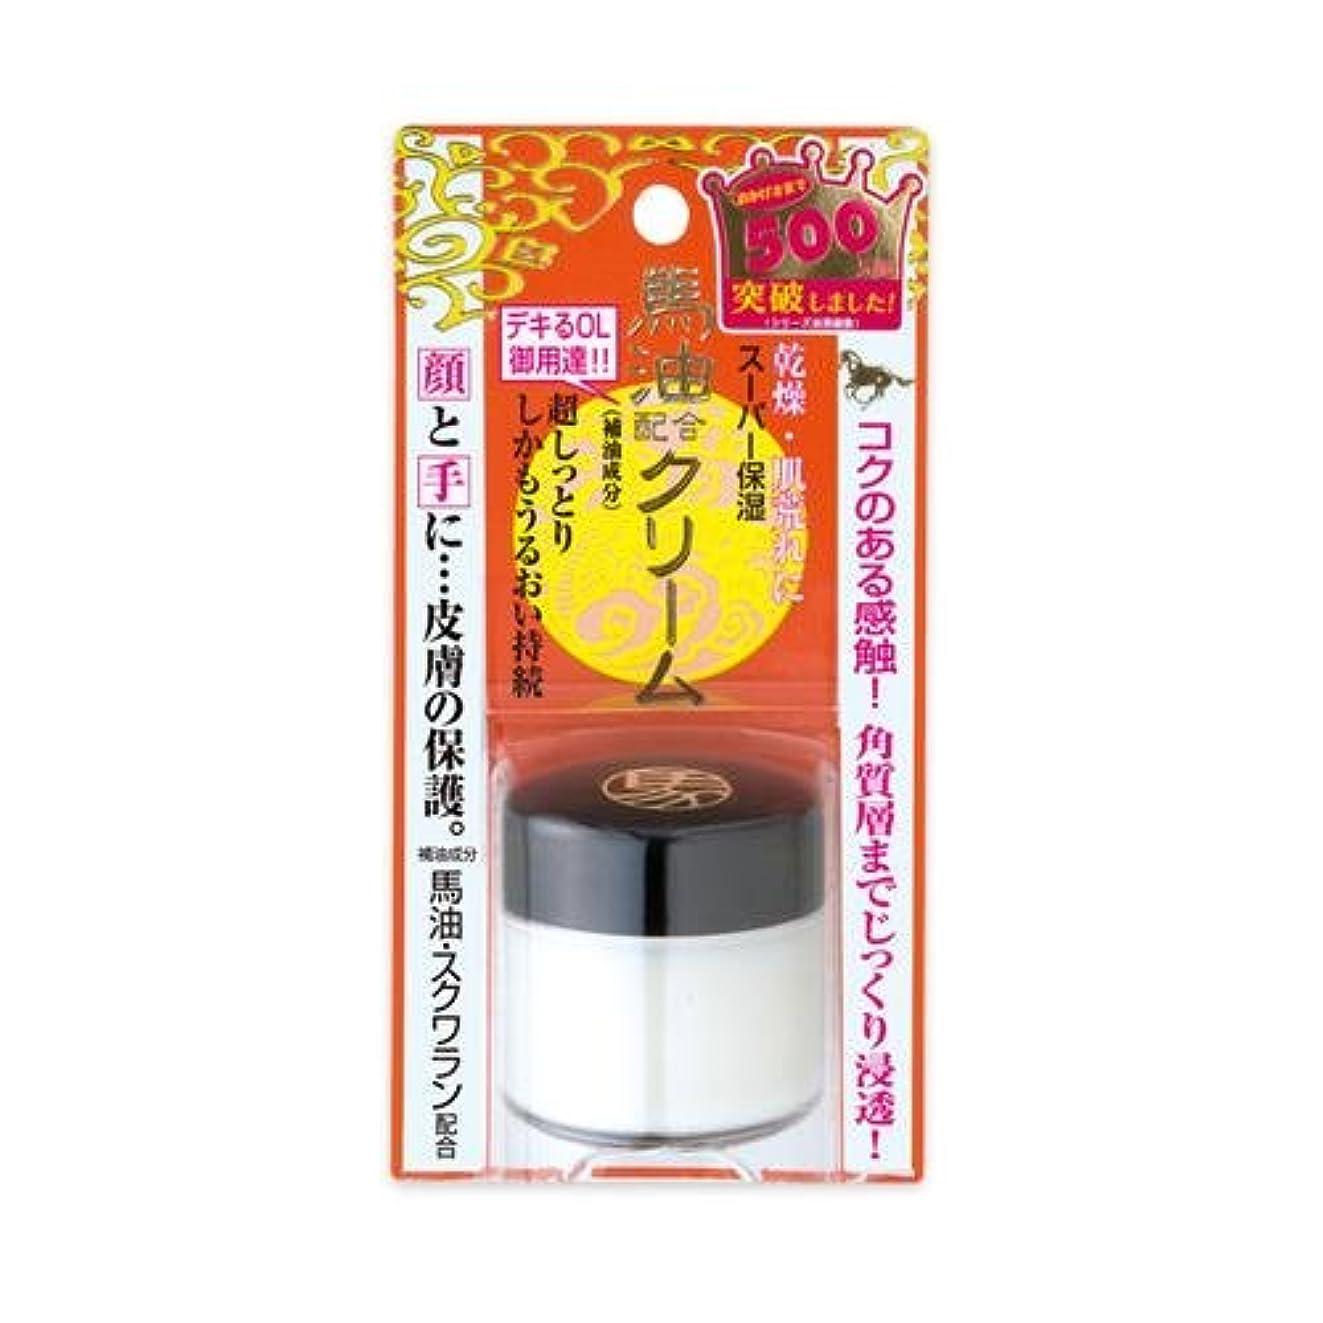 真っ逆さまパウダーラフト明色化粧品 リモイストクリーム リッチタイプ 30g [ヘルスケア&ケア用品]